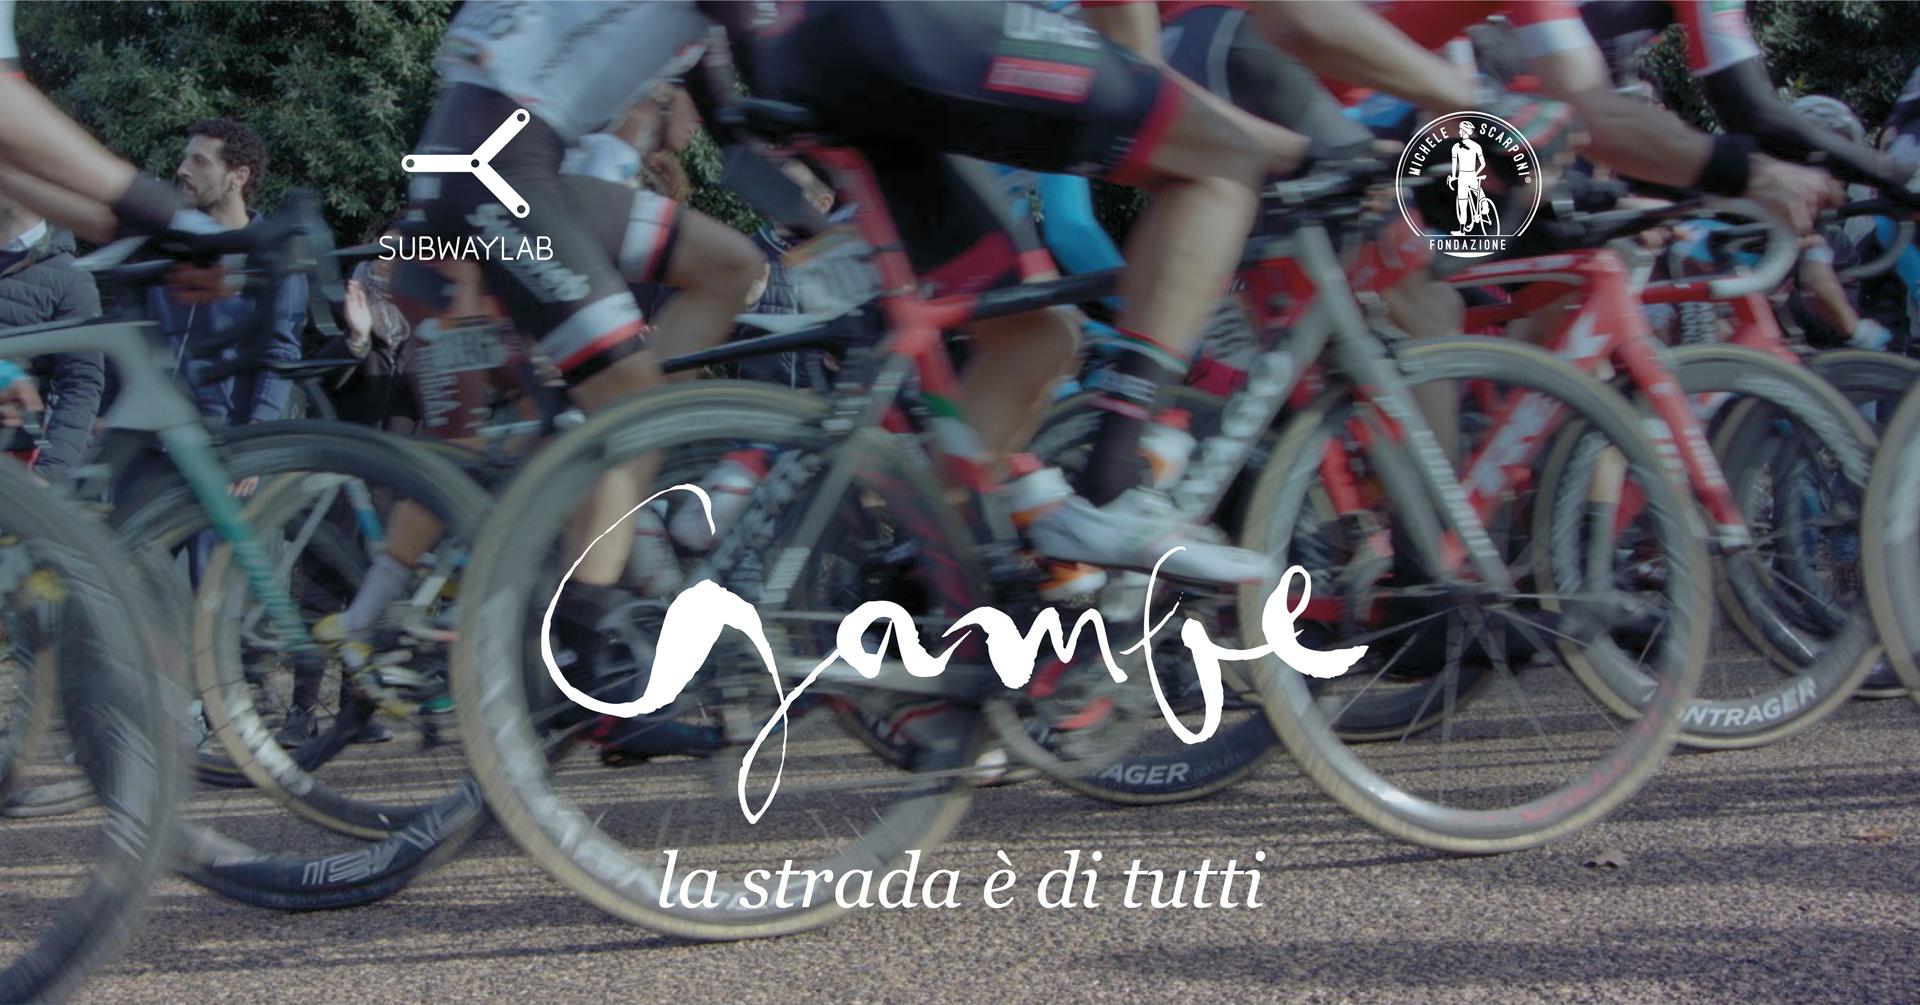 Locandina-Gambe-copertina-evento-fb